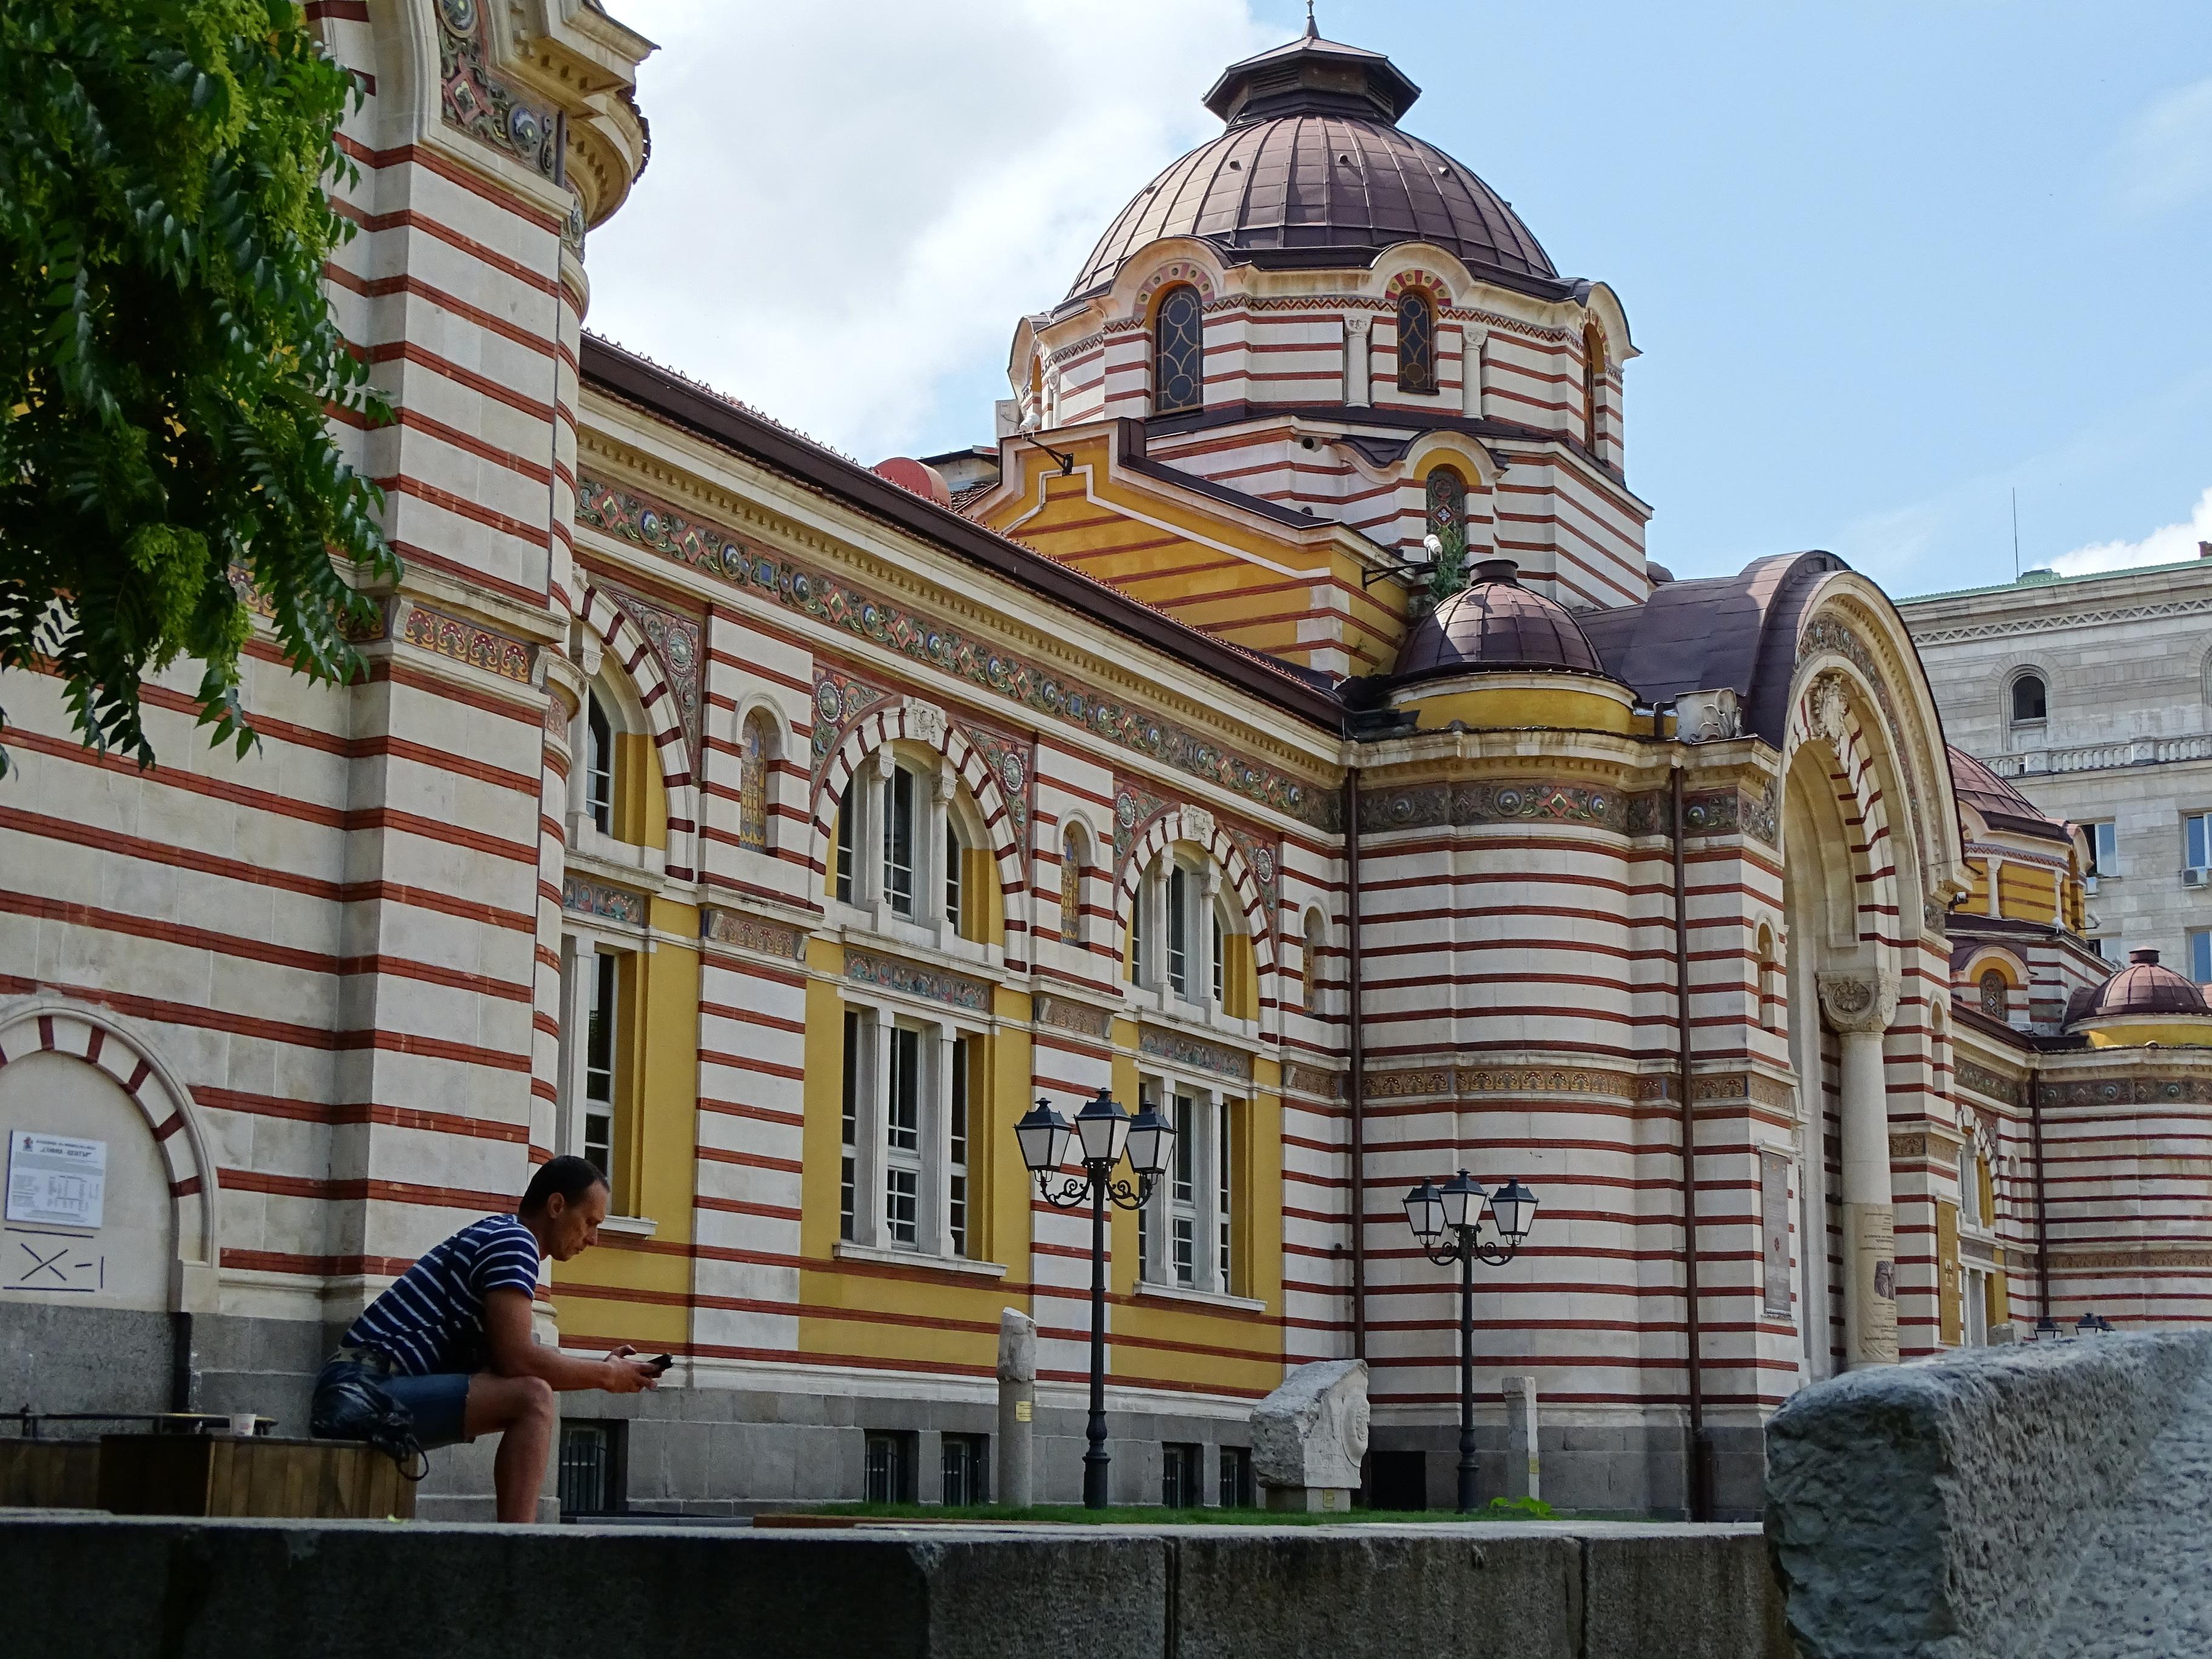 Bagni Termali Sofia : File facade of regional history museum sofia bulgaria